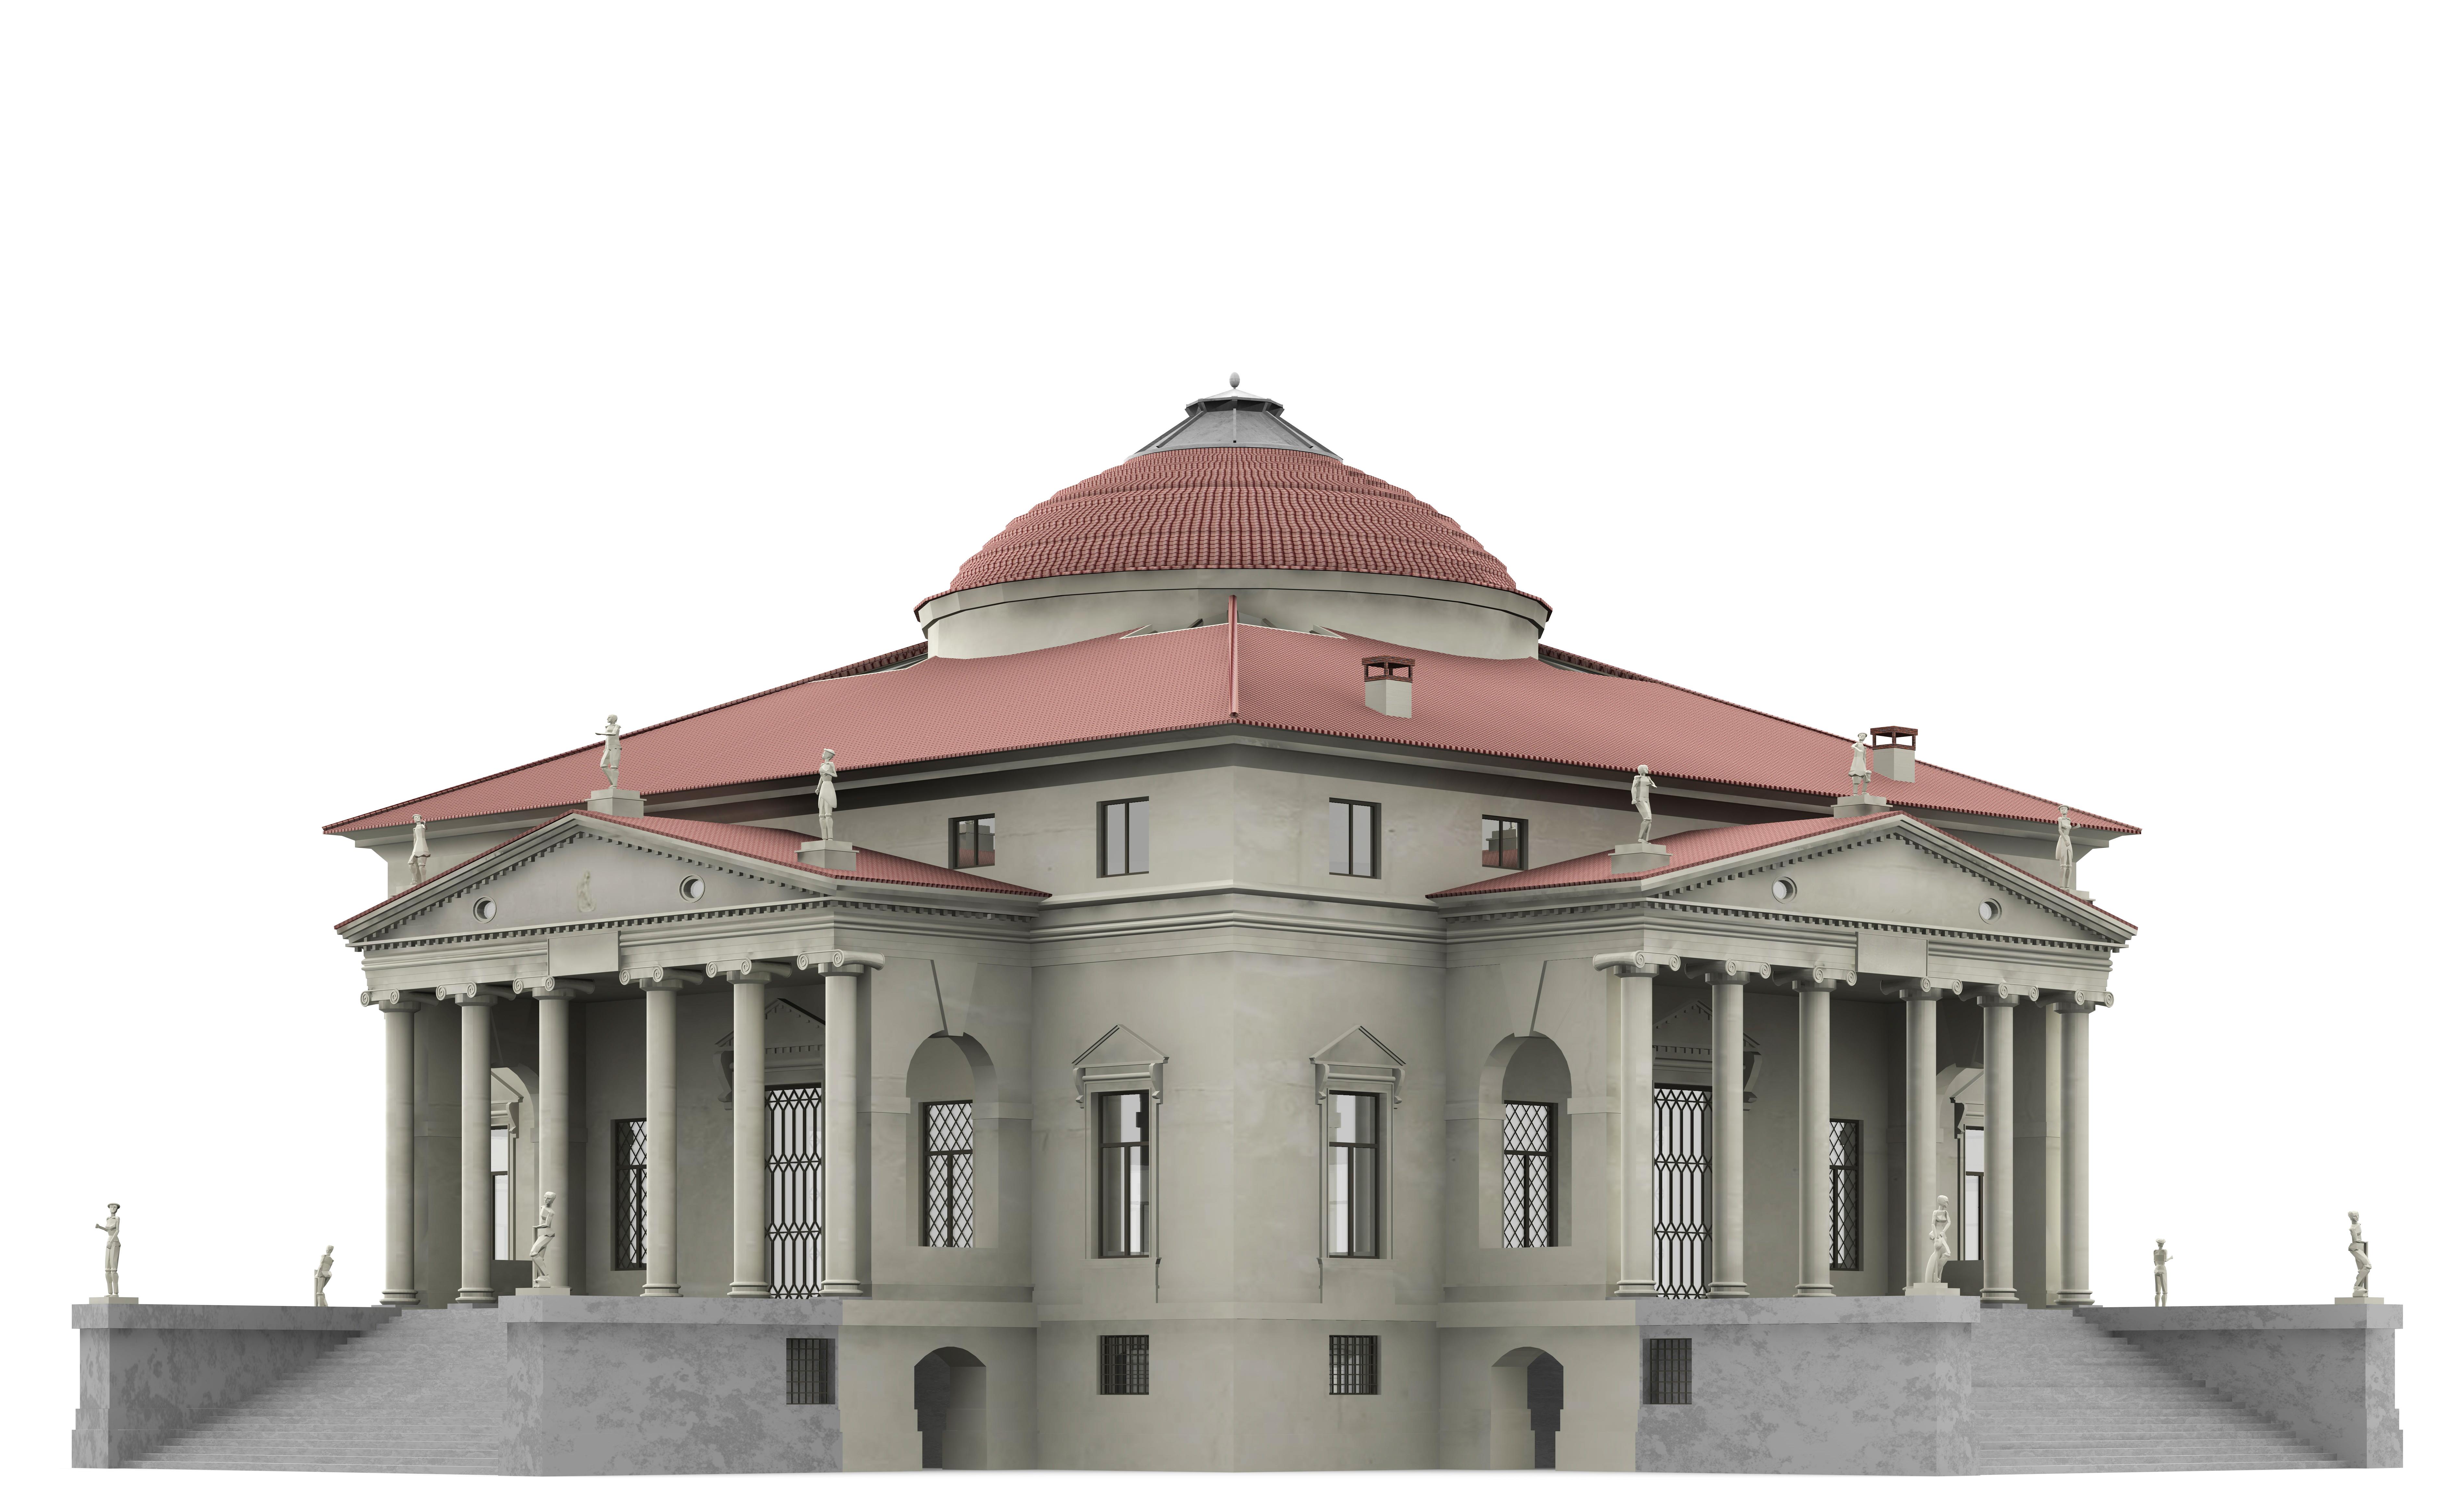 La rotonda villa capra 3d model max 3ds c4d dae skp for Villas 3d model